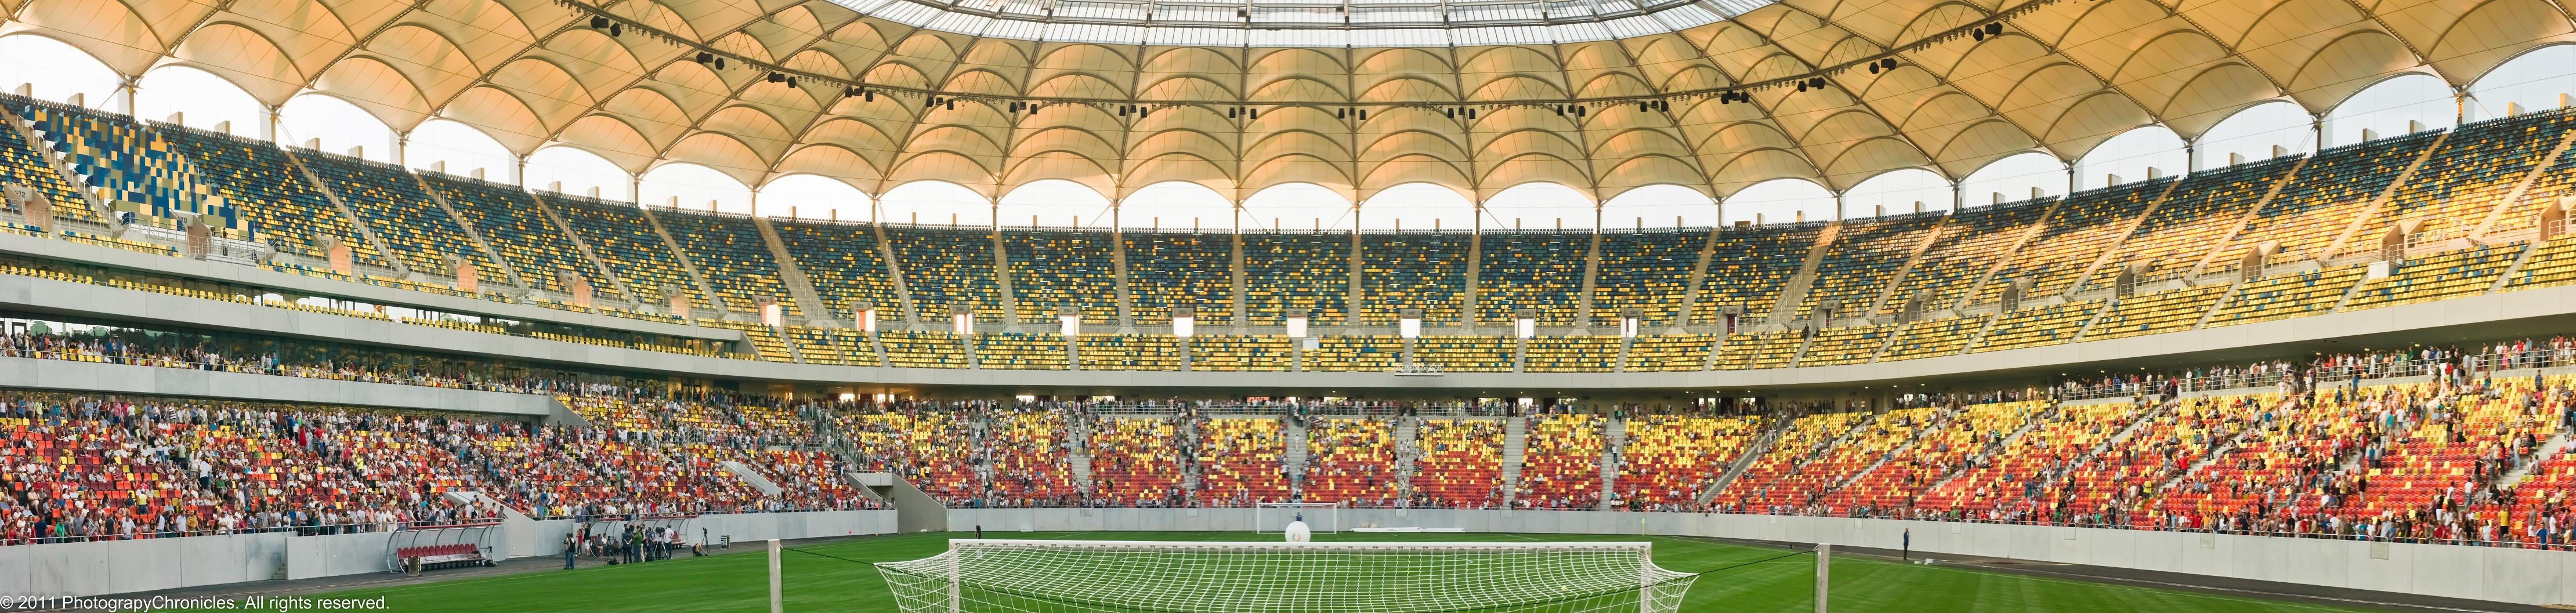 Football stadium panoramic pictures